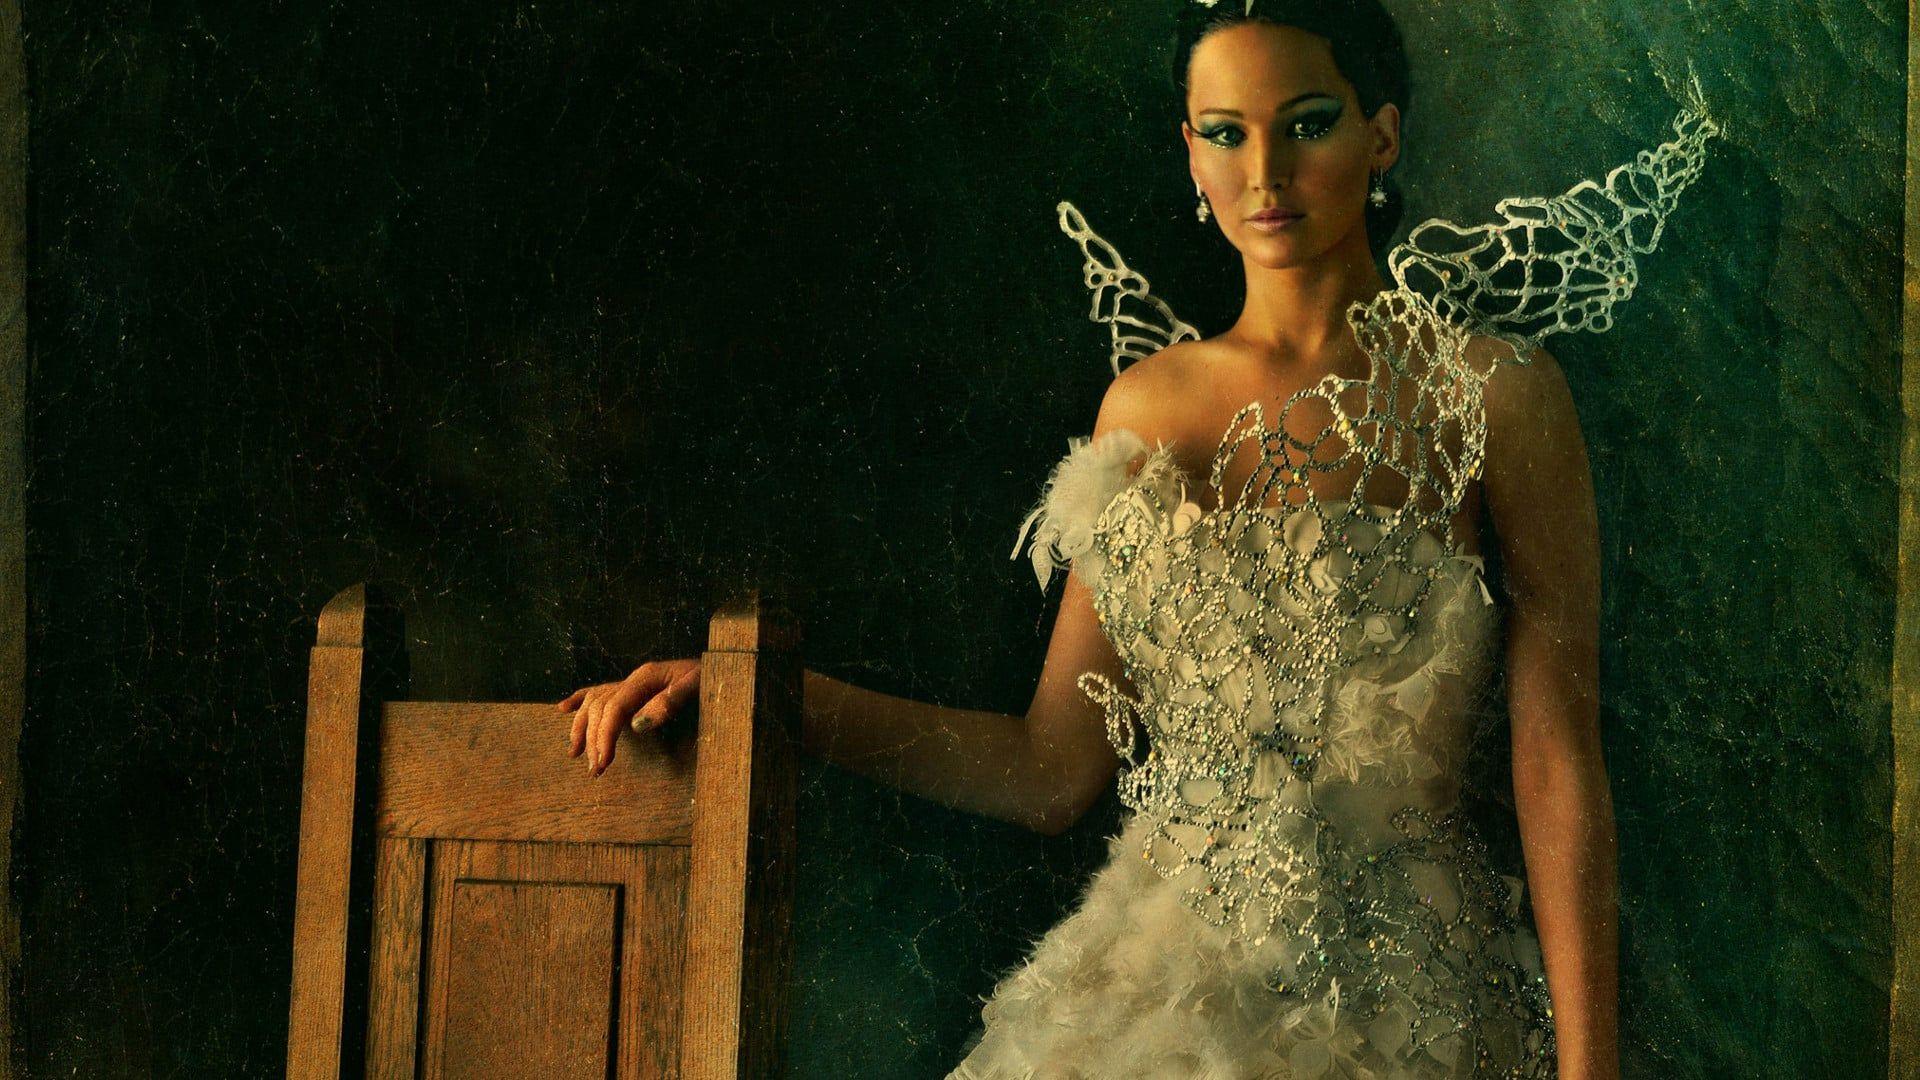 Vinderne Af Hunger Games Katniss Og Peeta Sendes Pa Sejrstur I Distrikterne Men Stik Imod Hensig Full Movies Online Free Free Movies Online Katniss Everdeen